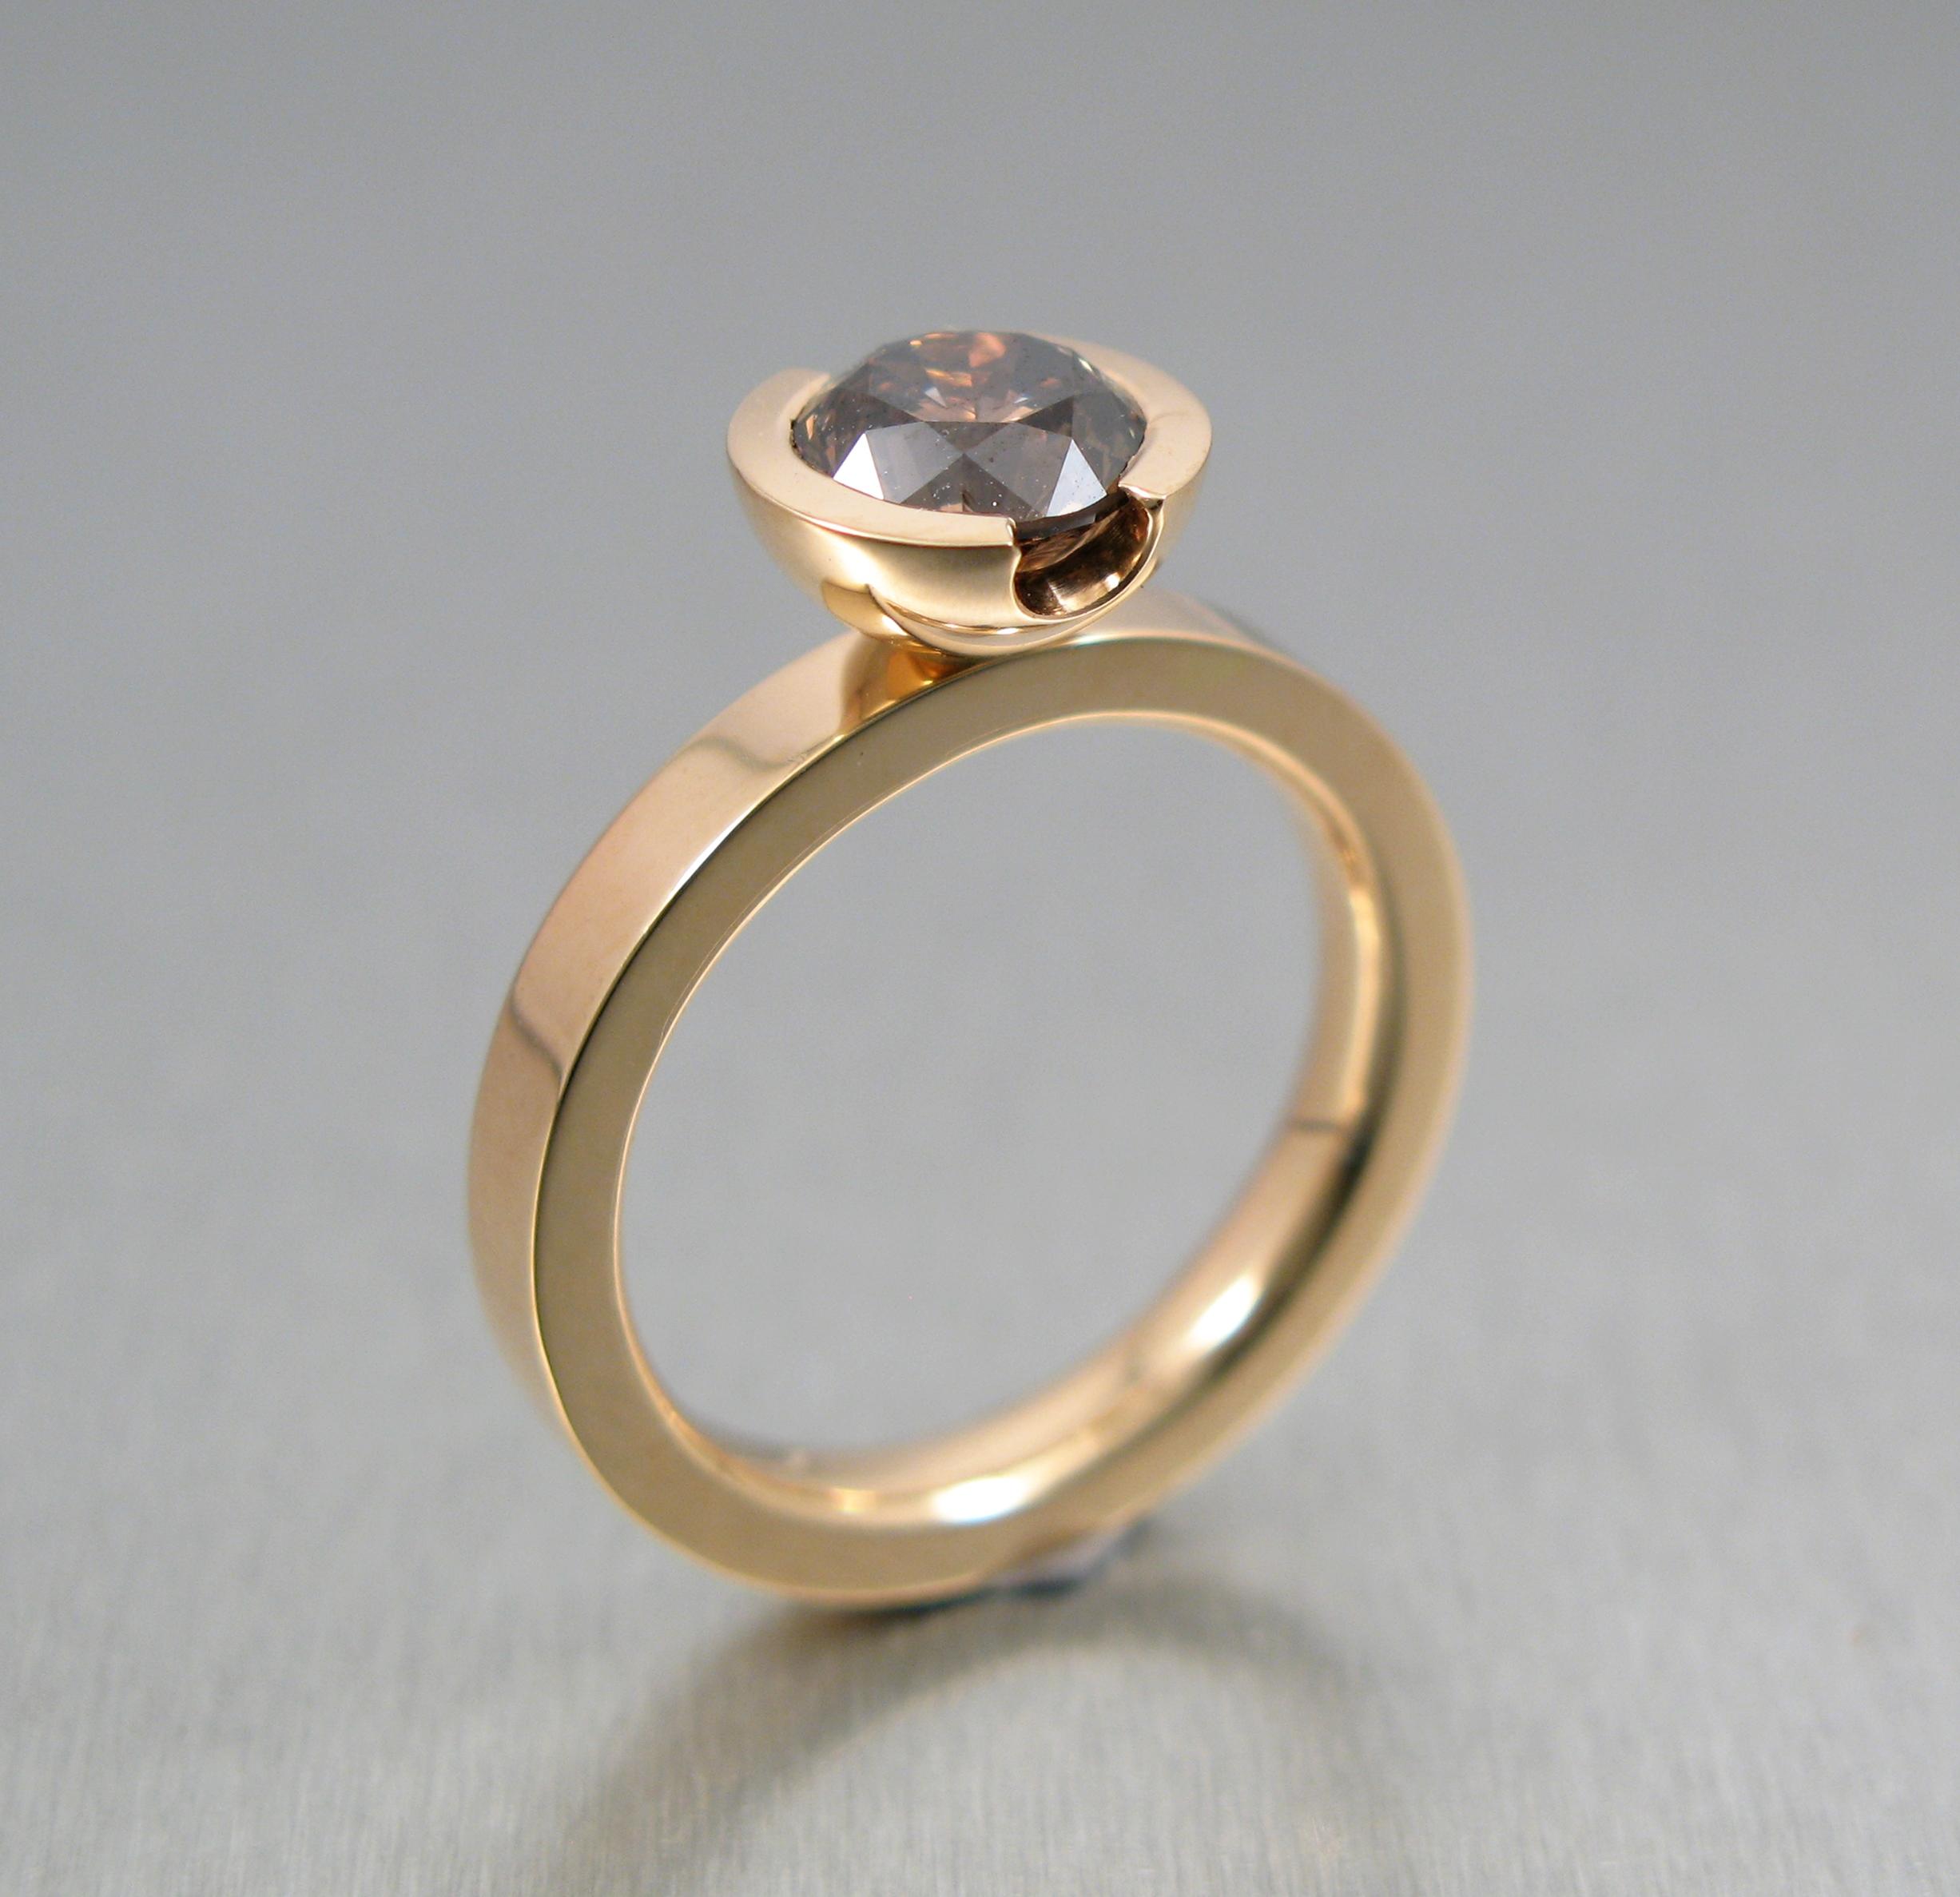 """Ring, """"Flack Britt-Marie"""", guld och diamant."""